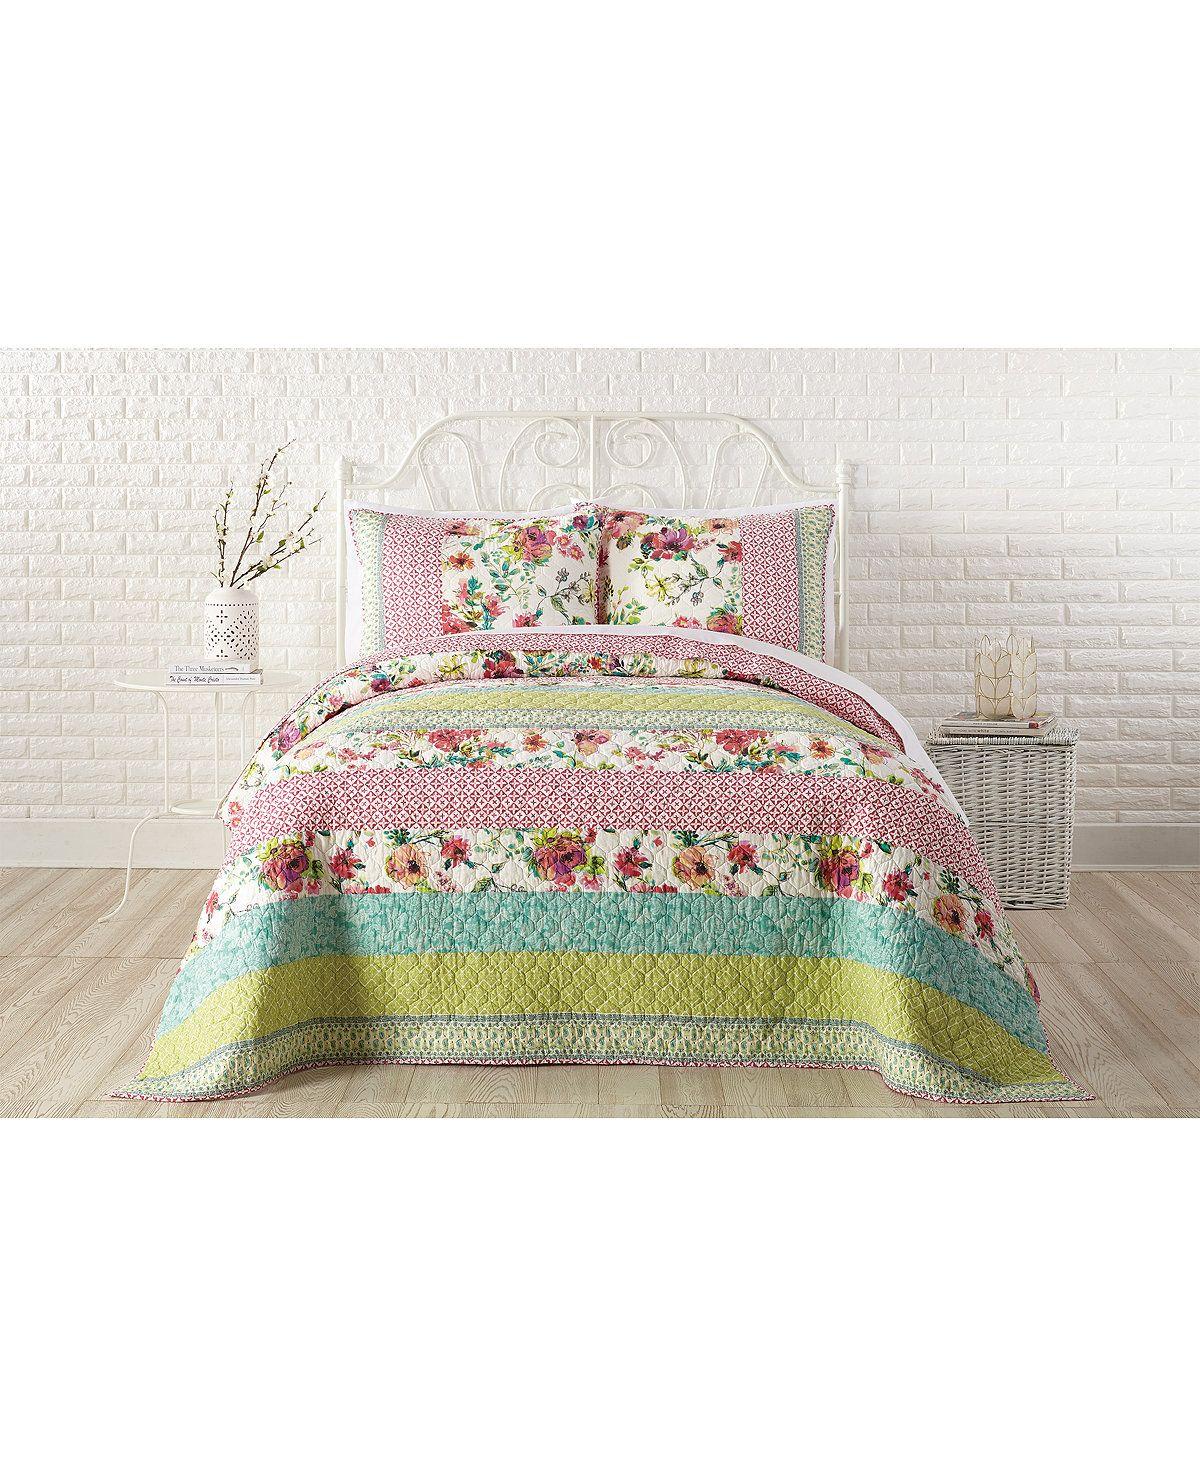 Boho Garden Cotton Full/Queen Quilt Queen quilt, Quilts